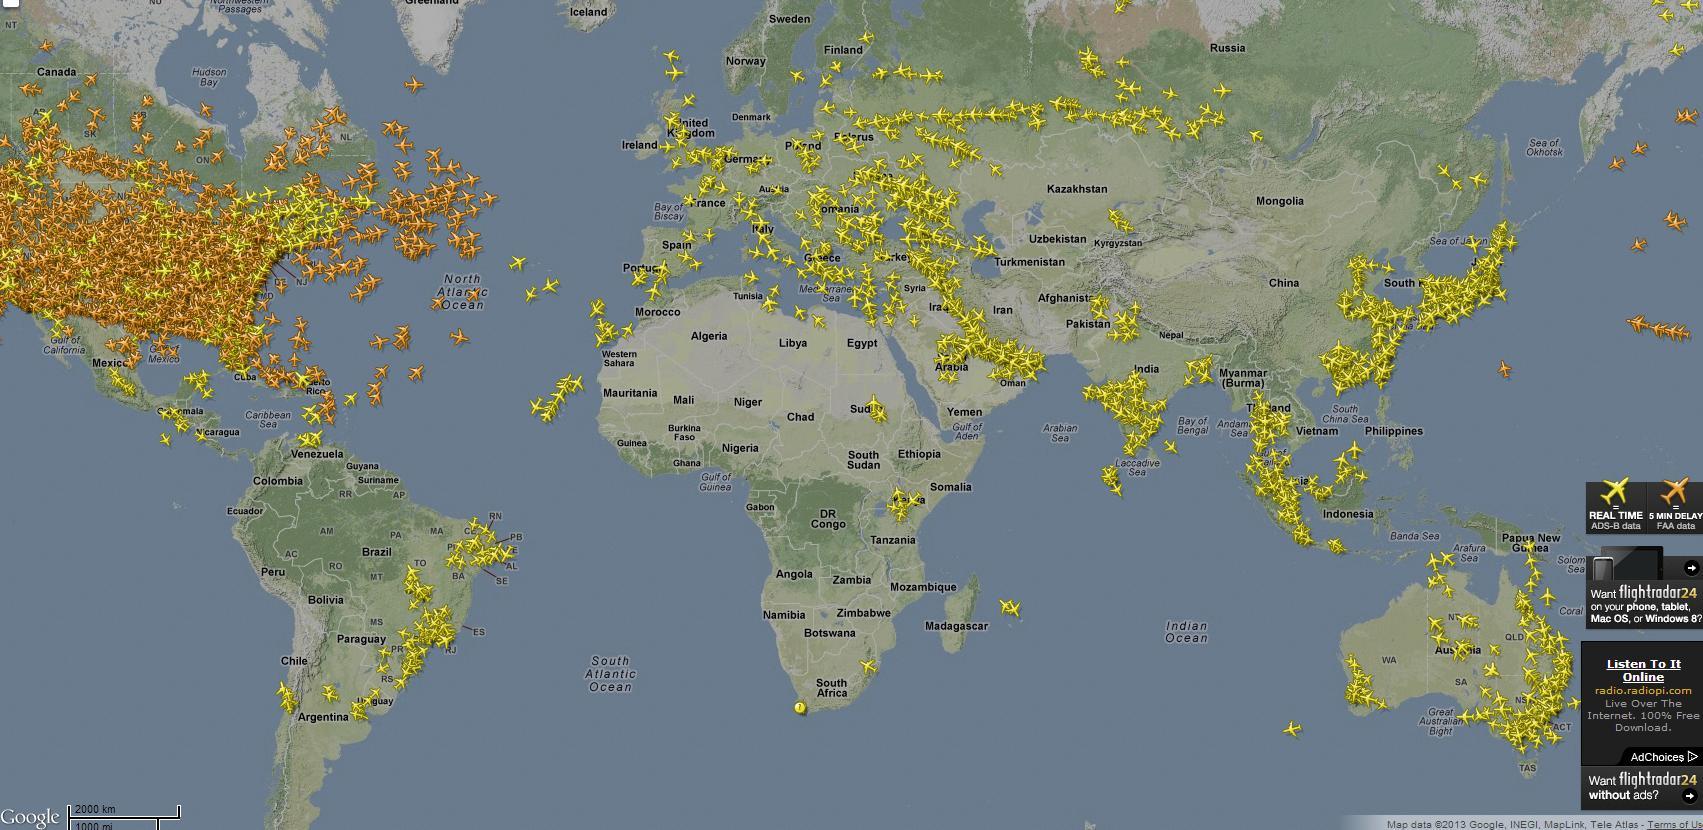 flightradar24 Из-за крушения Boeing 777 выросла популярность сервиса Flightradar24